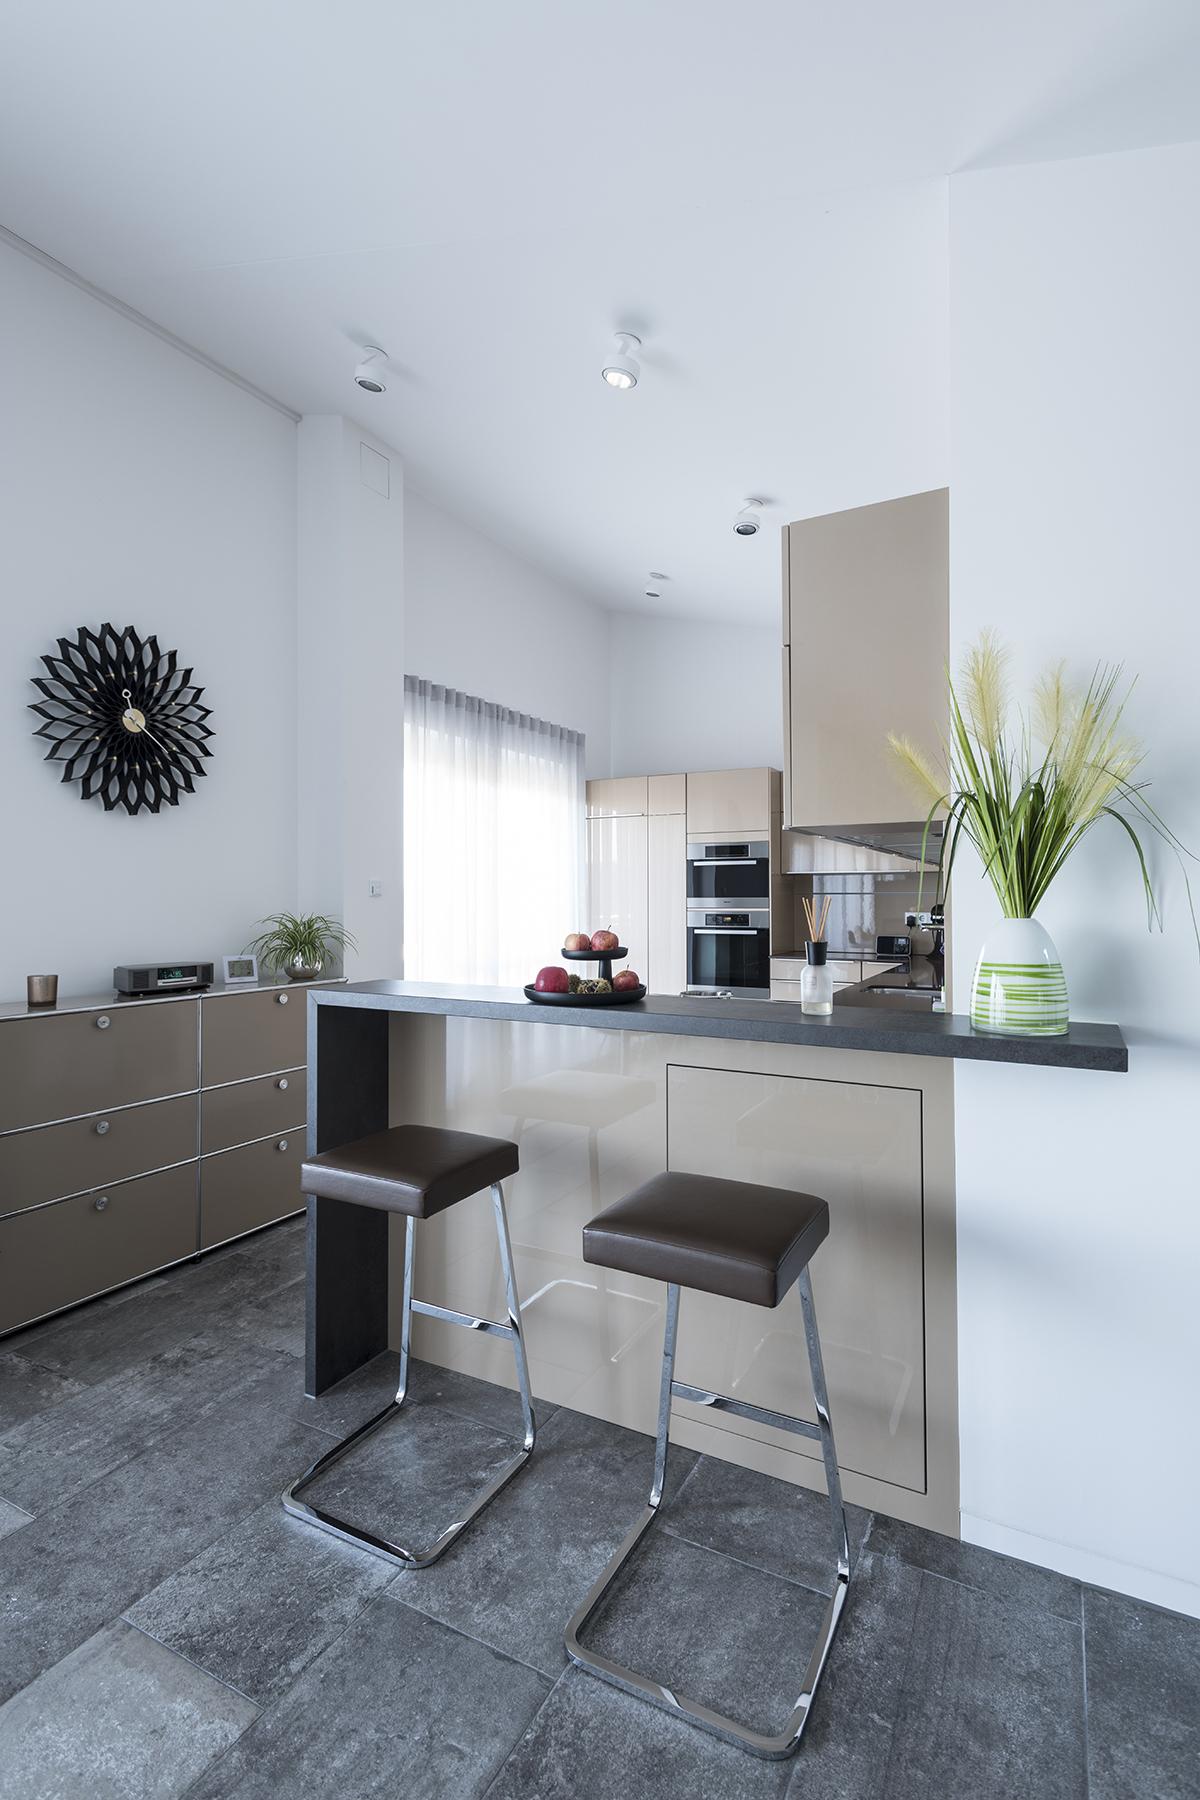 designfunktion-referenz-penthouse-nuernberg (15)